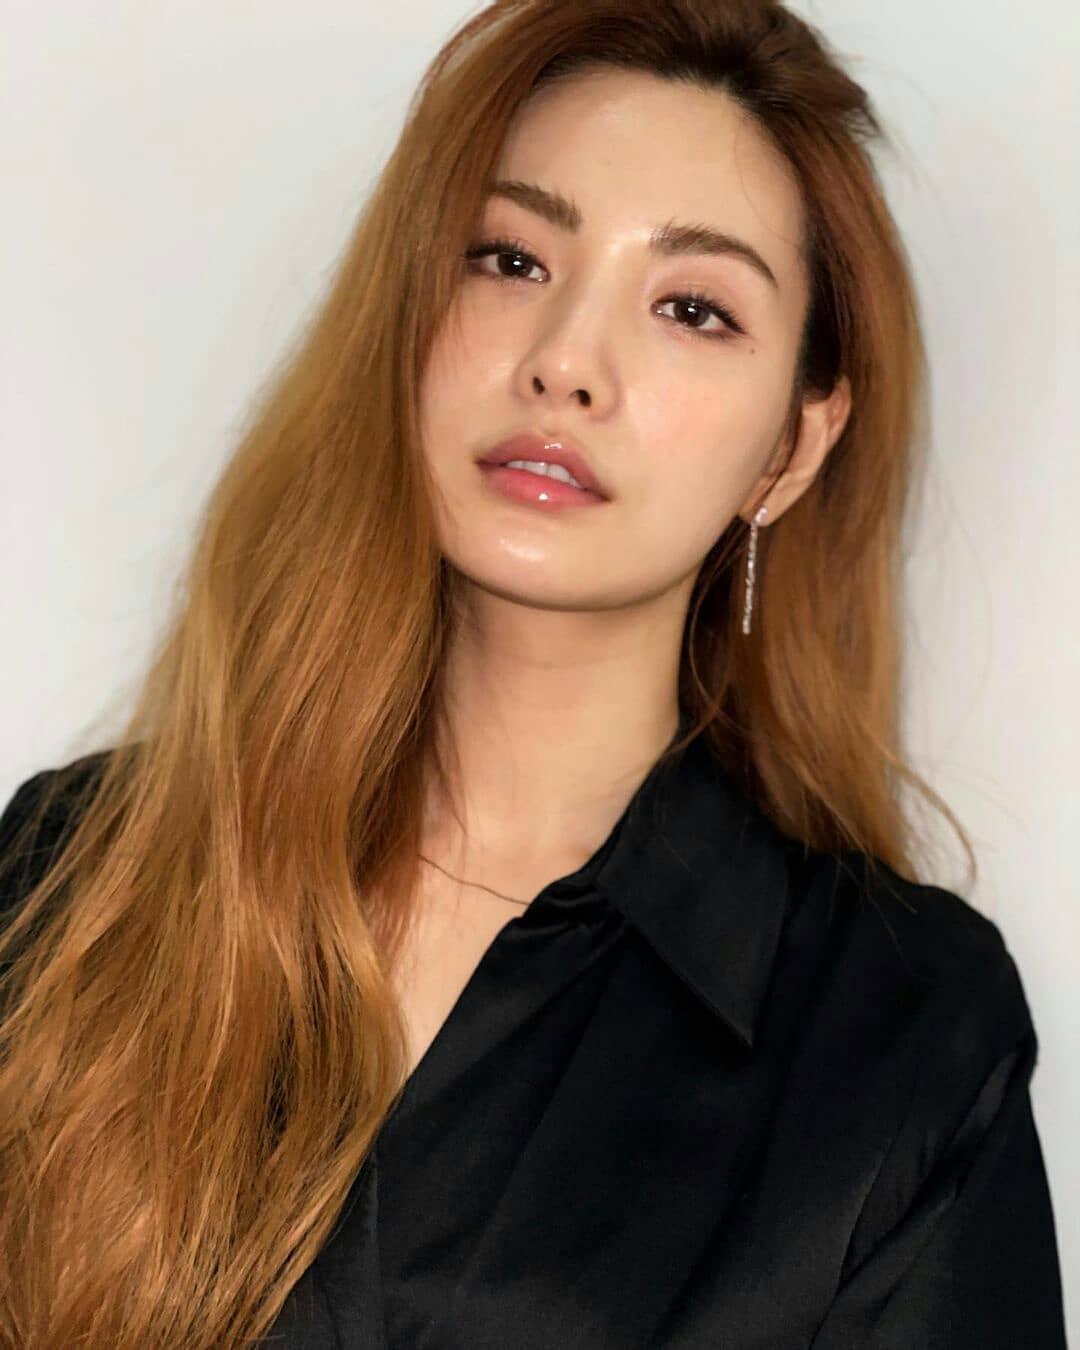 11 Aktris Korea Yang Semakin Bersinar, Padahal Dulunya Model 11